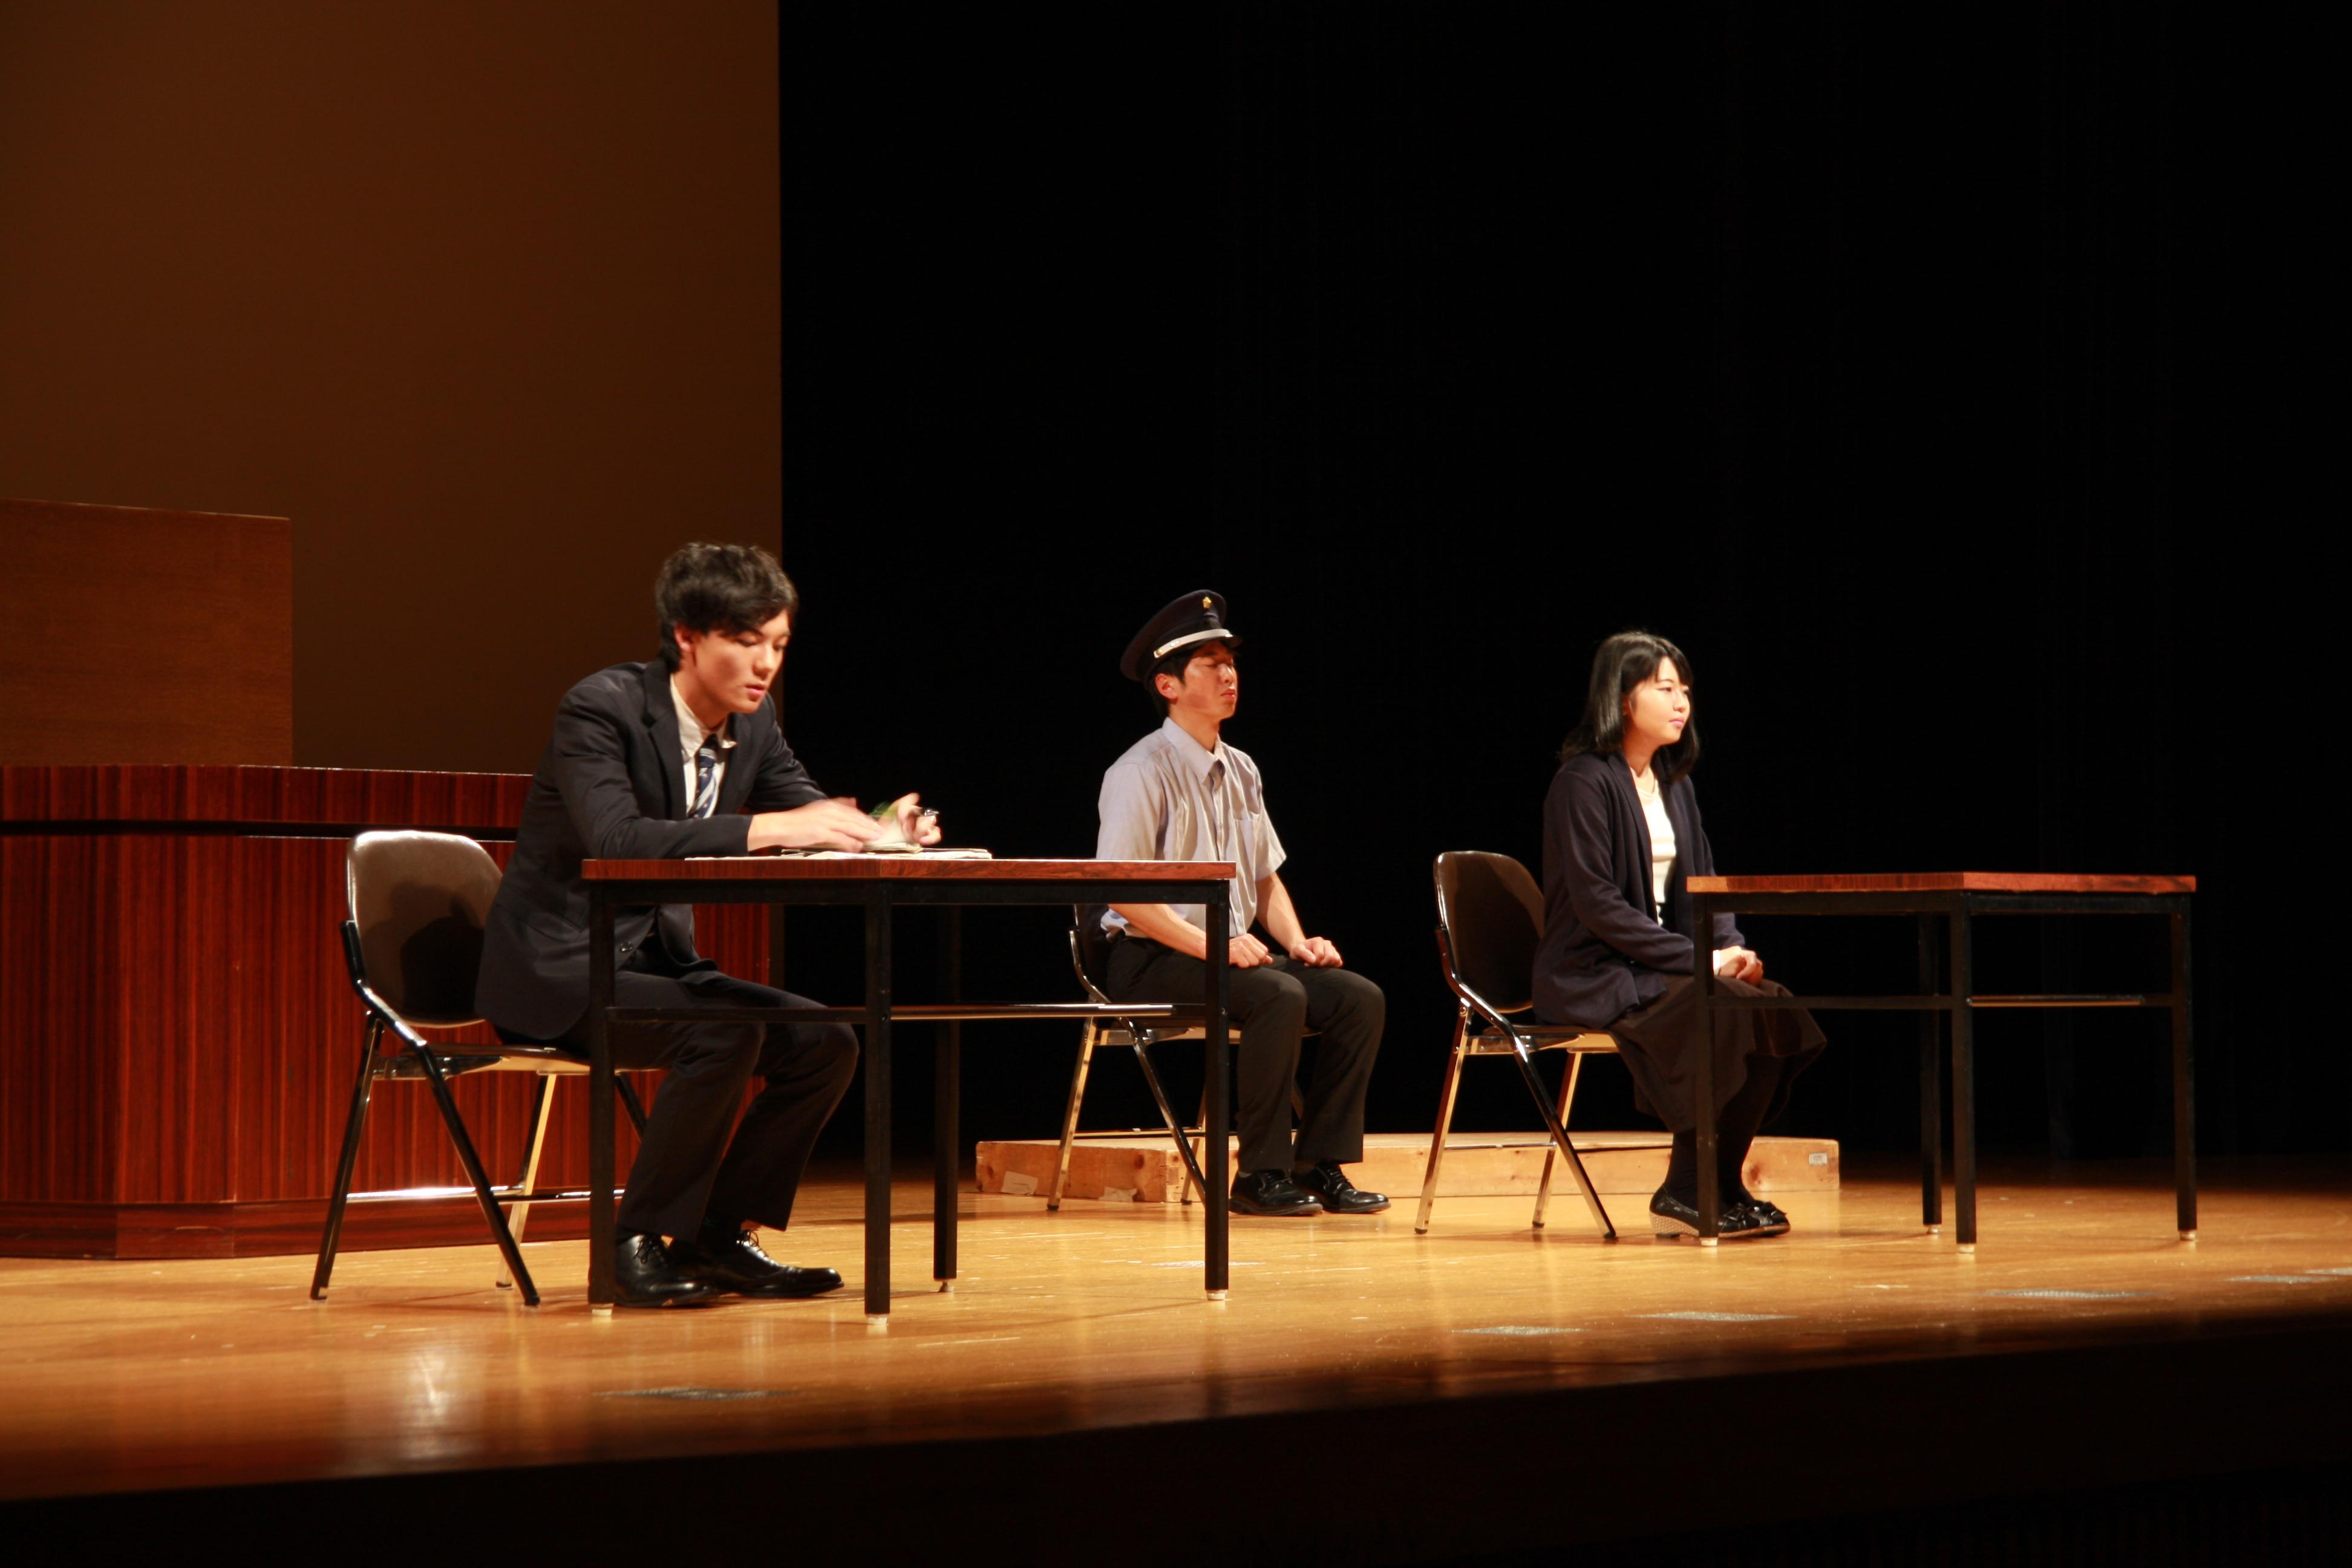 第43回山形大学模擬裁判公演「疑惑の目」レポート!